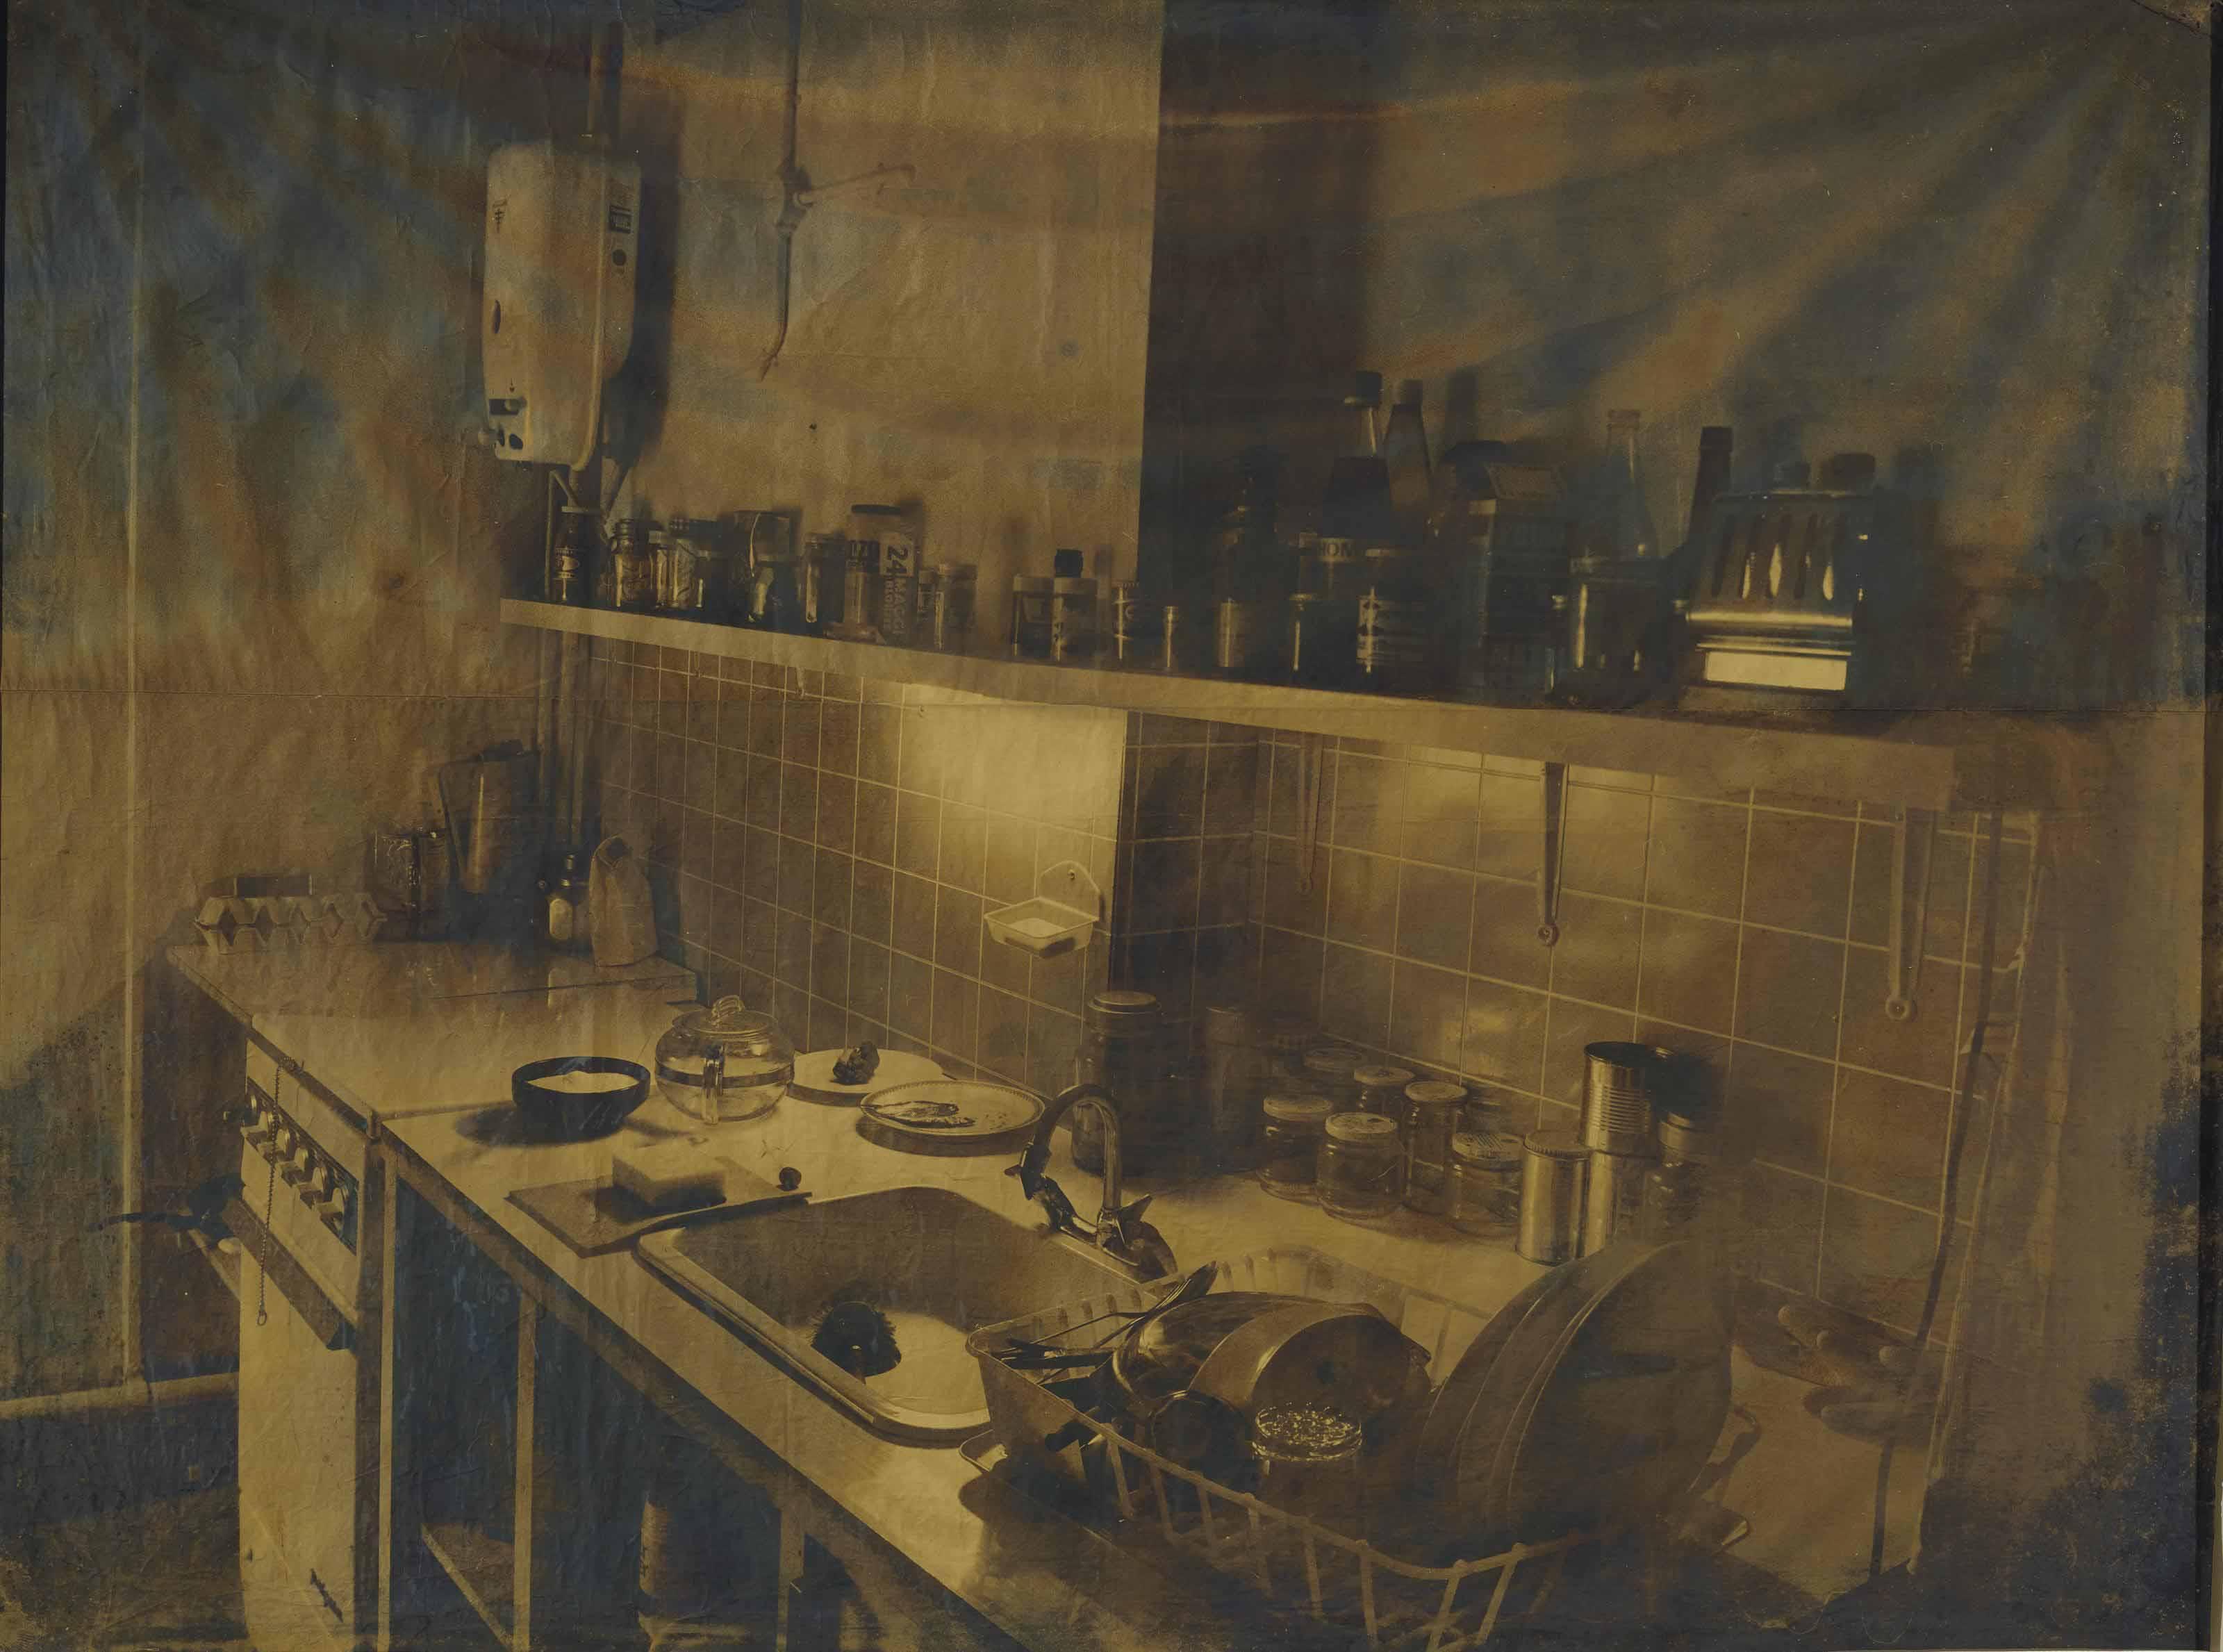 Küche, 1969